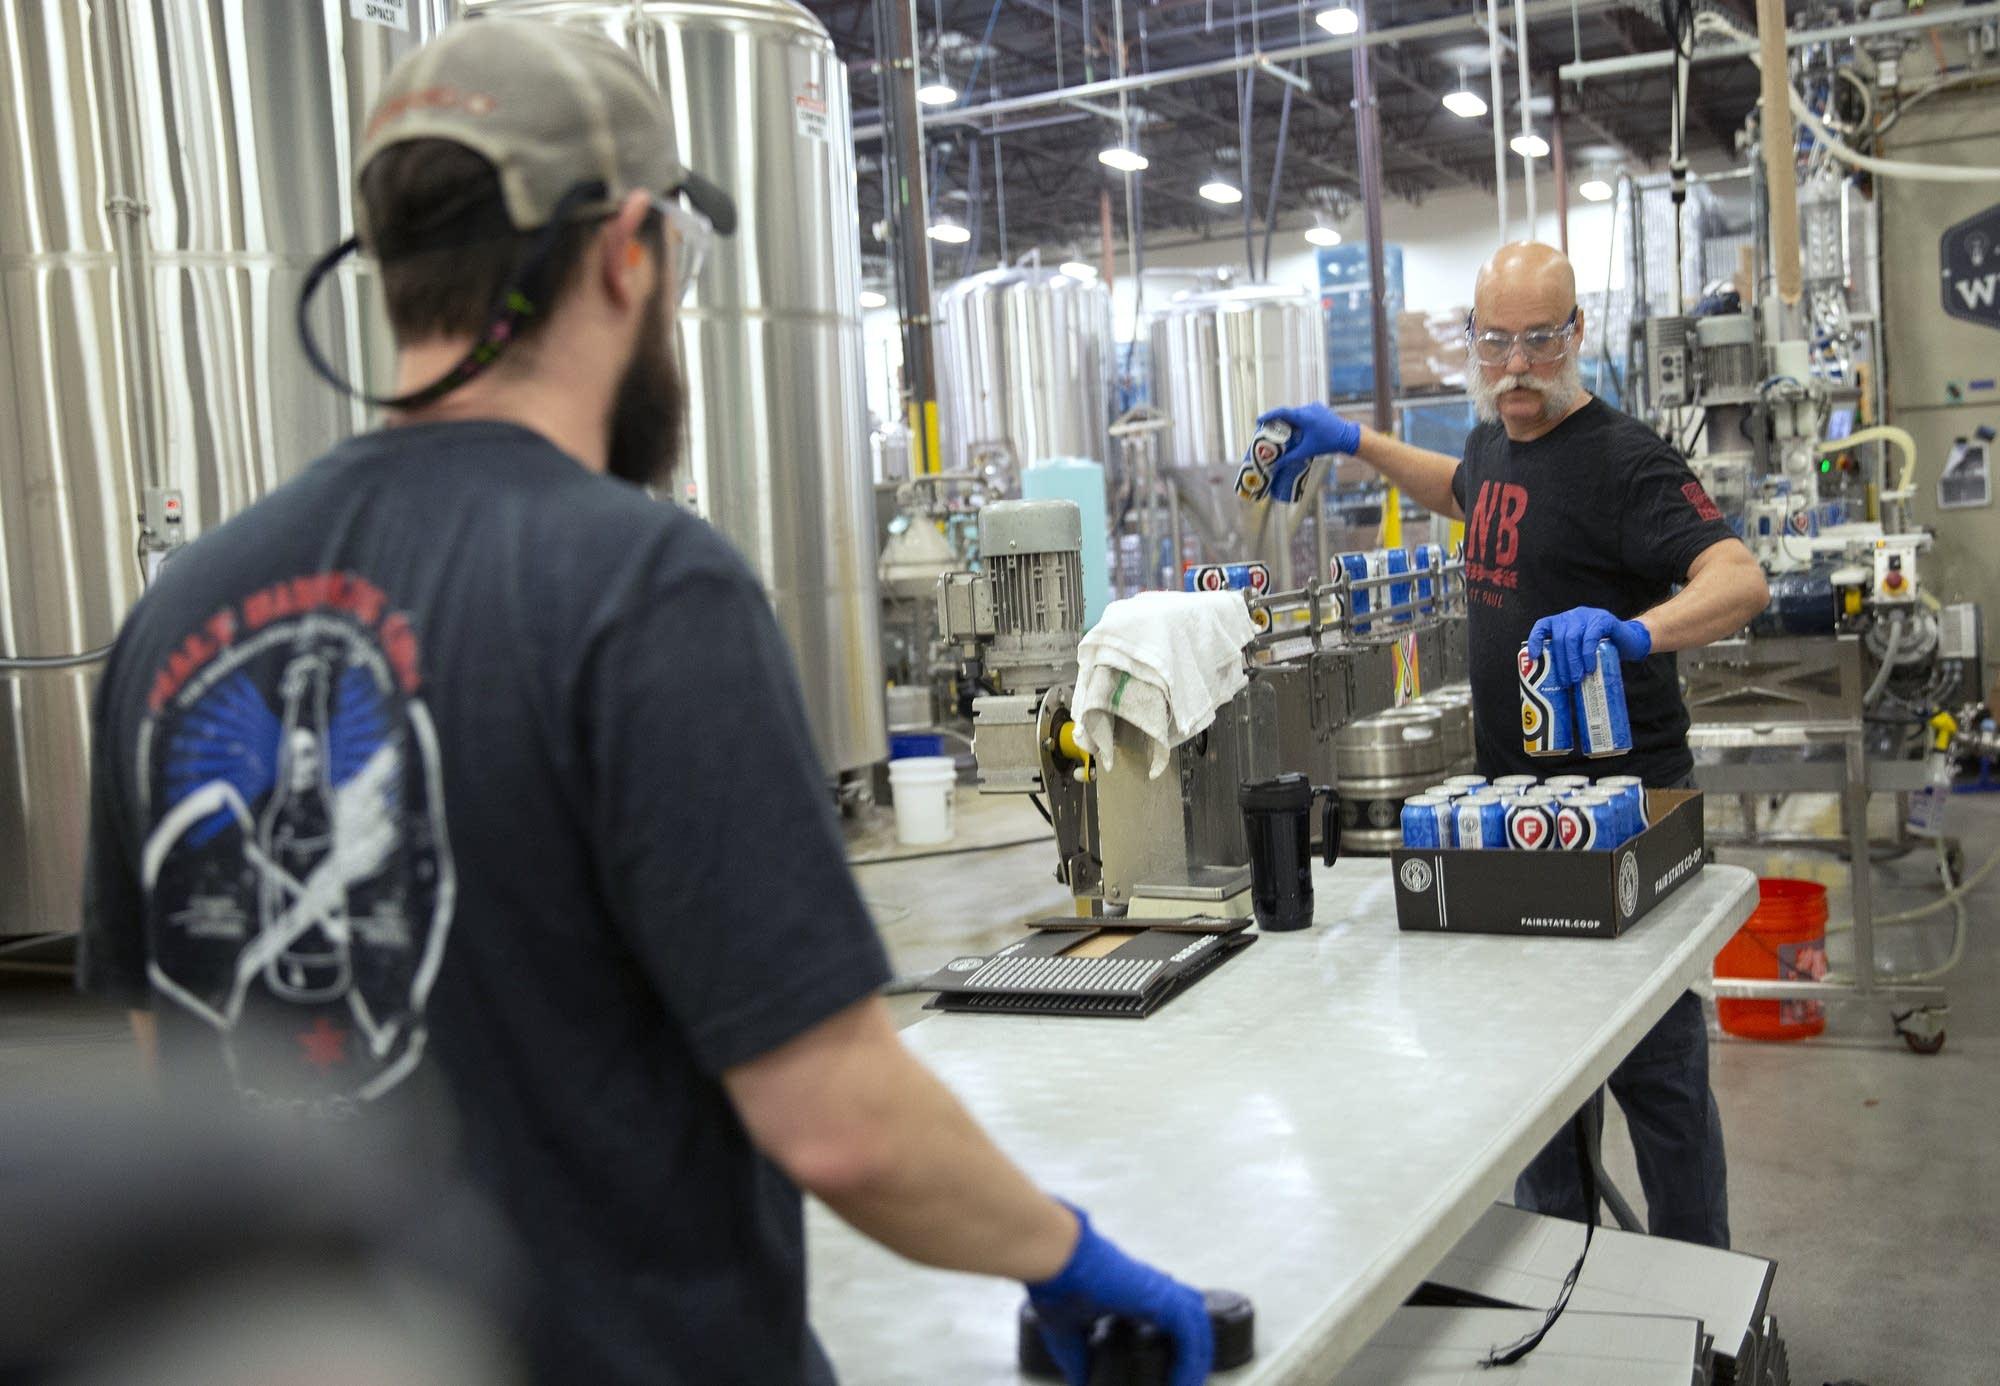 Jeff North et Collin Russell emballent des canettes de Pahlay, une bière blonde pâle.